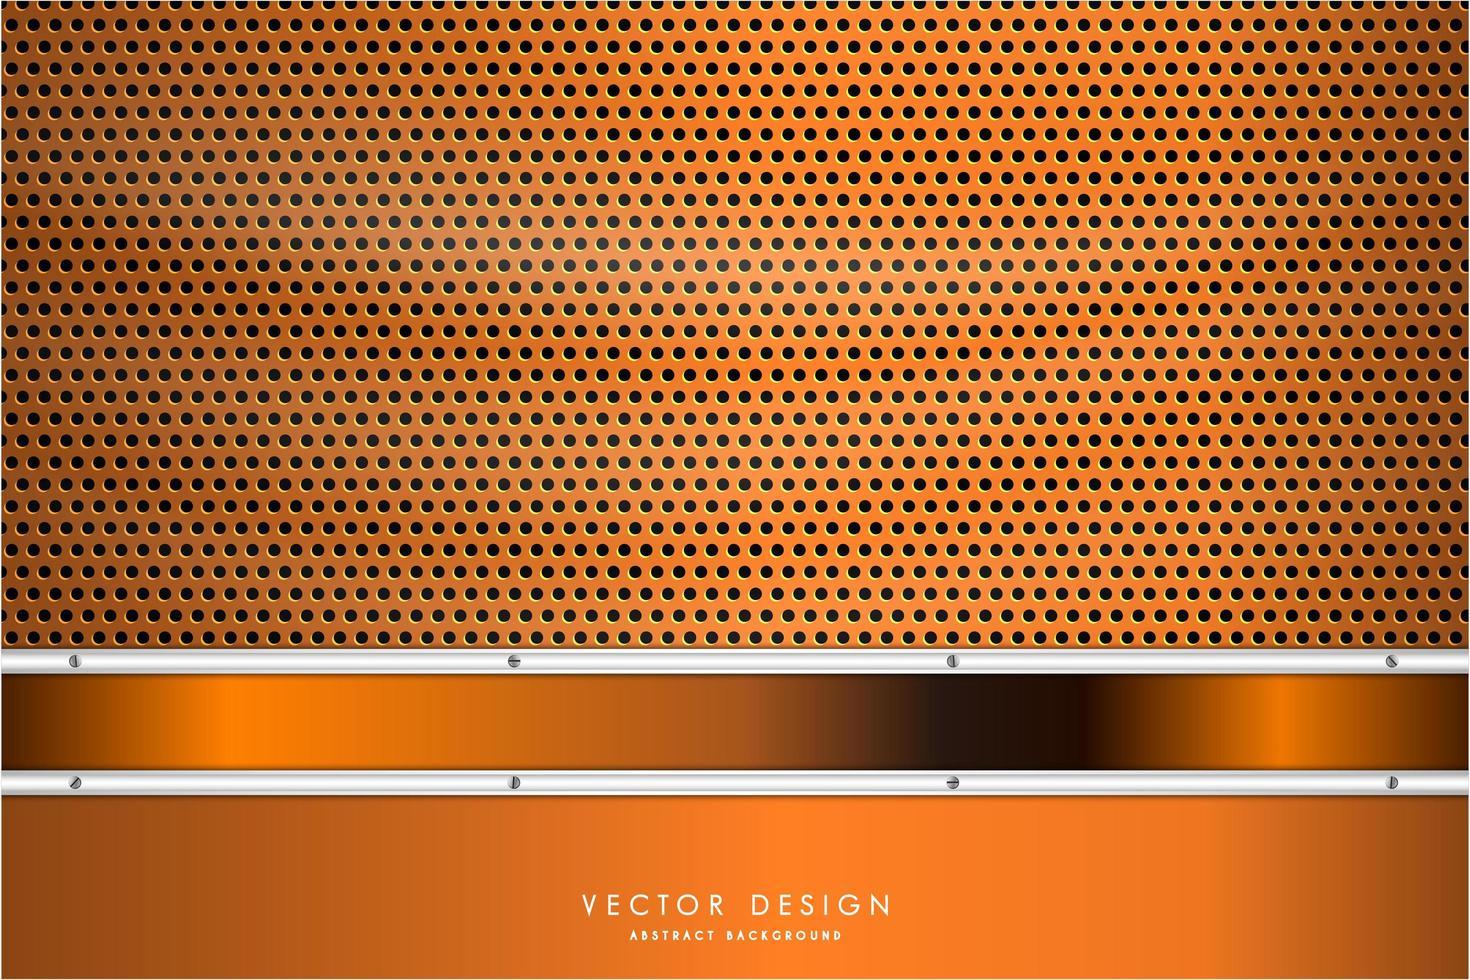 borde naranja y plateado con textura de fibra de carbono vector